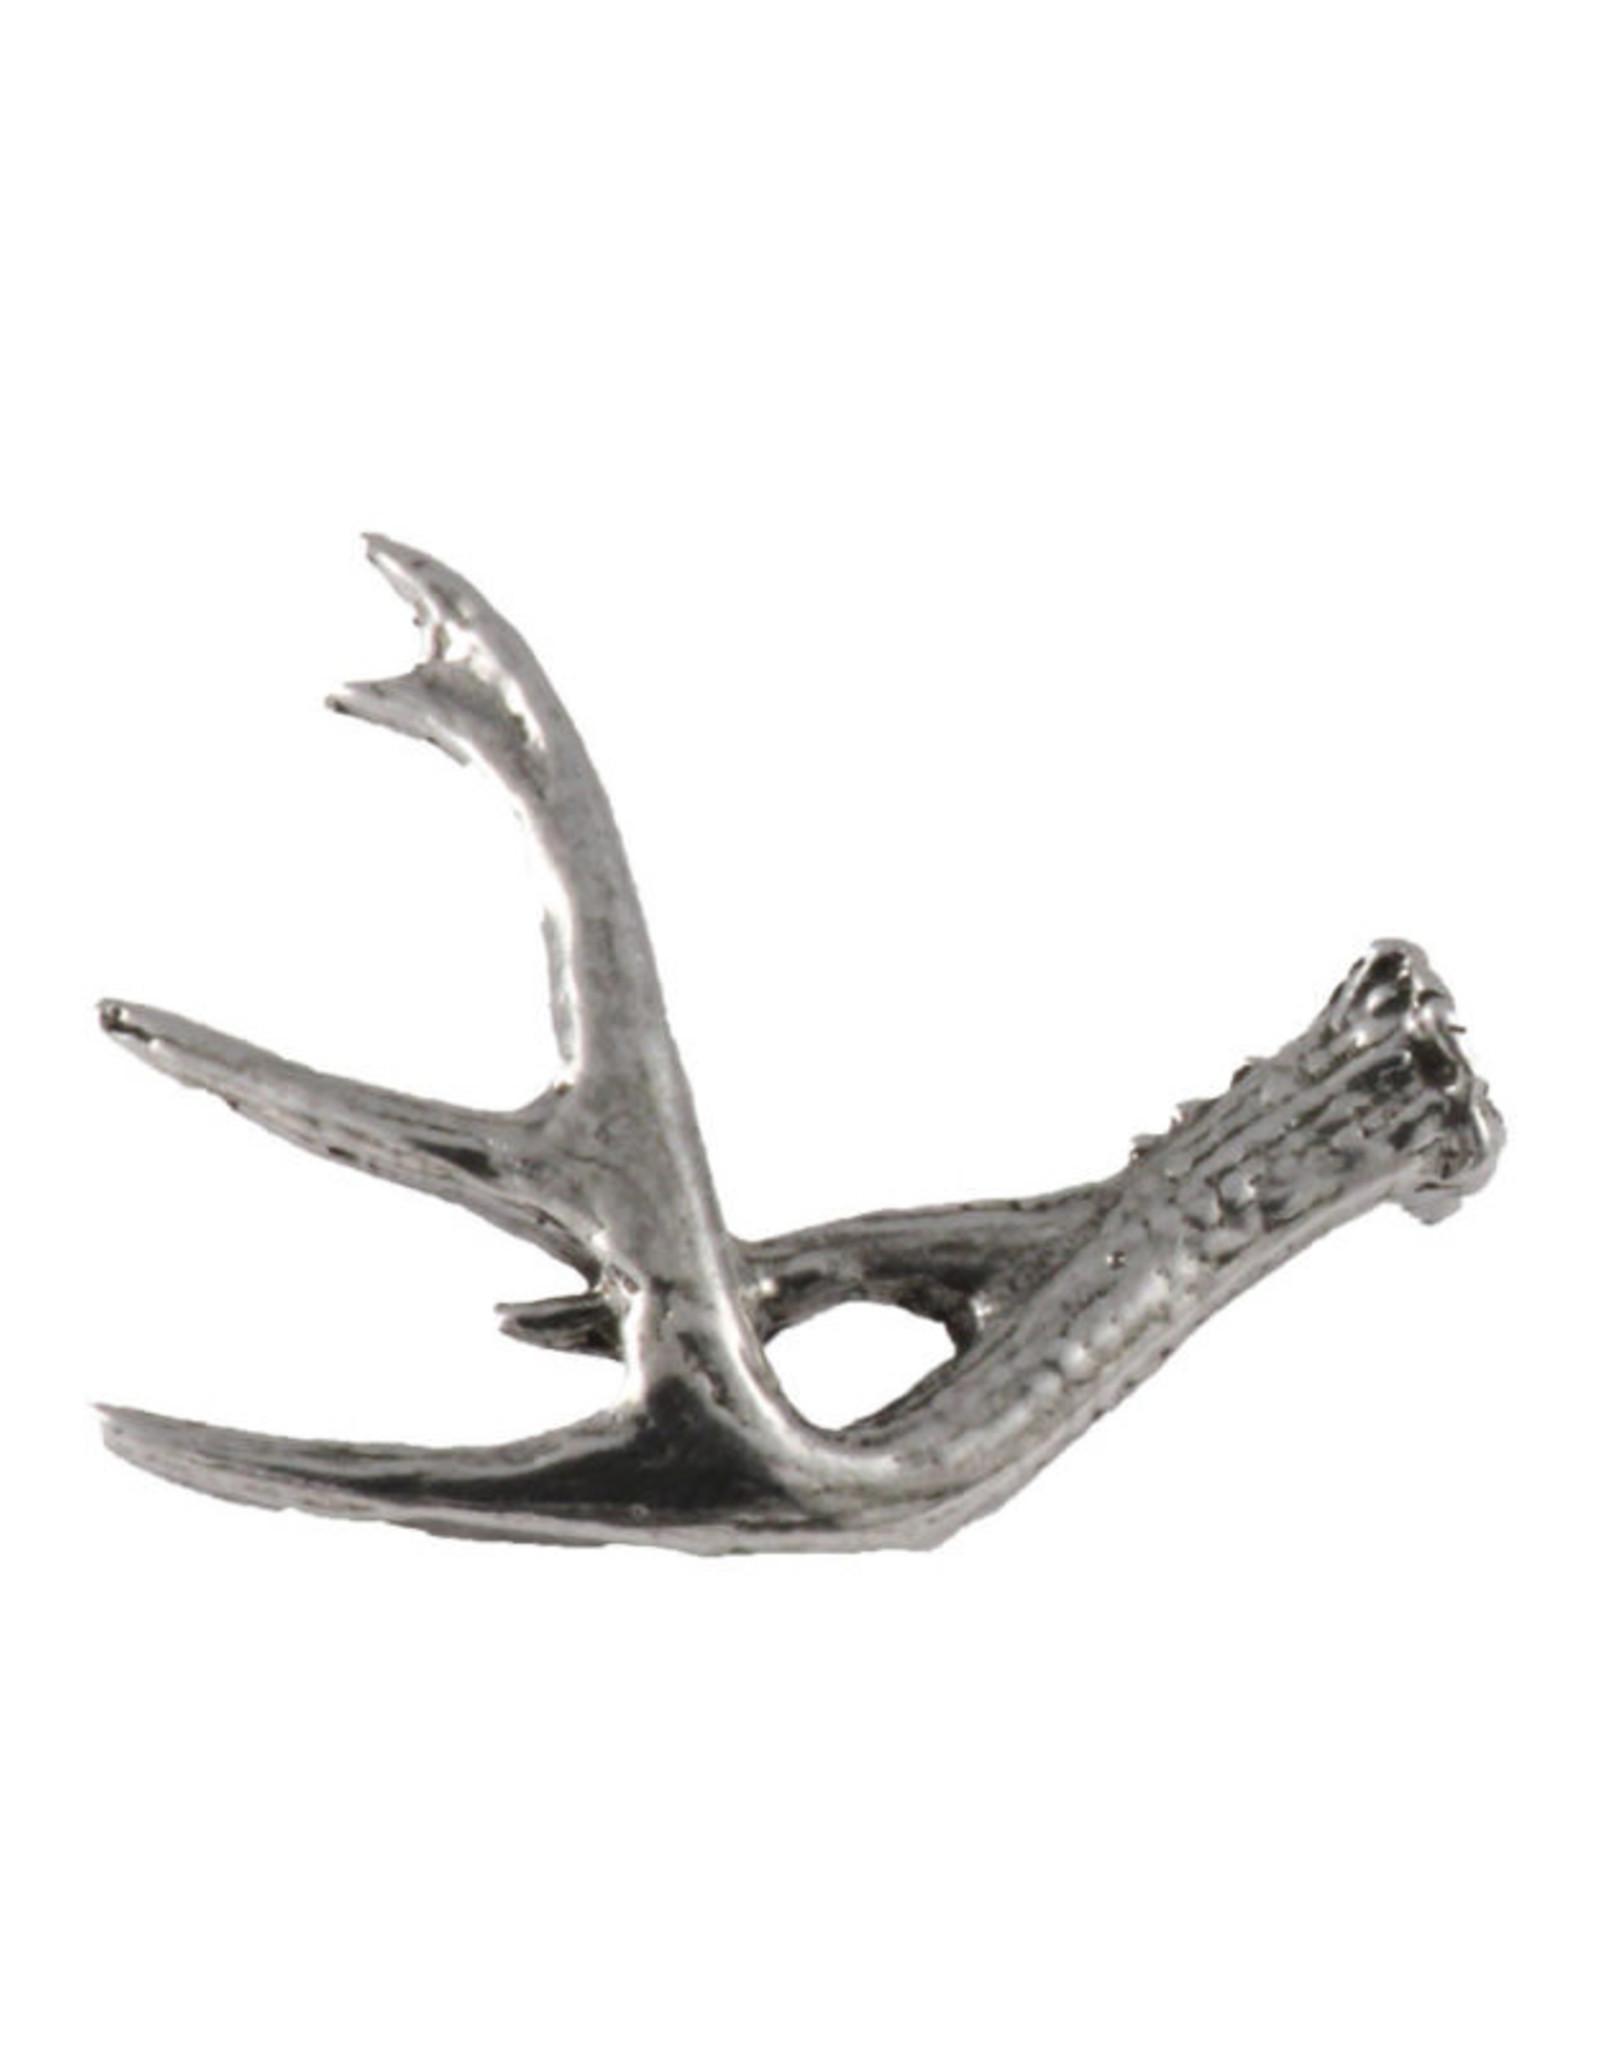 Pewter Whitetail Deer Antler Shed Pin/Brooch